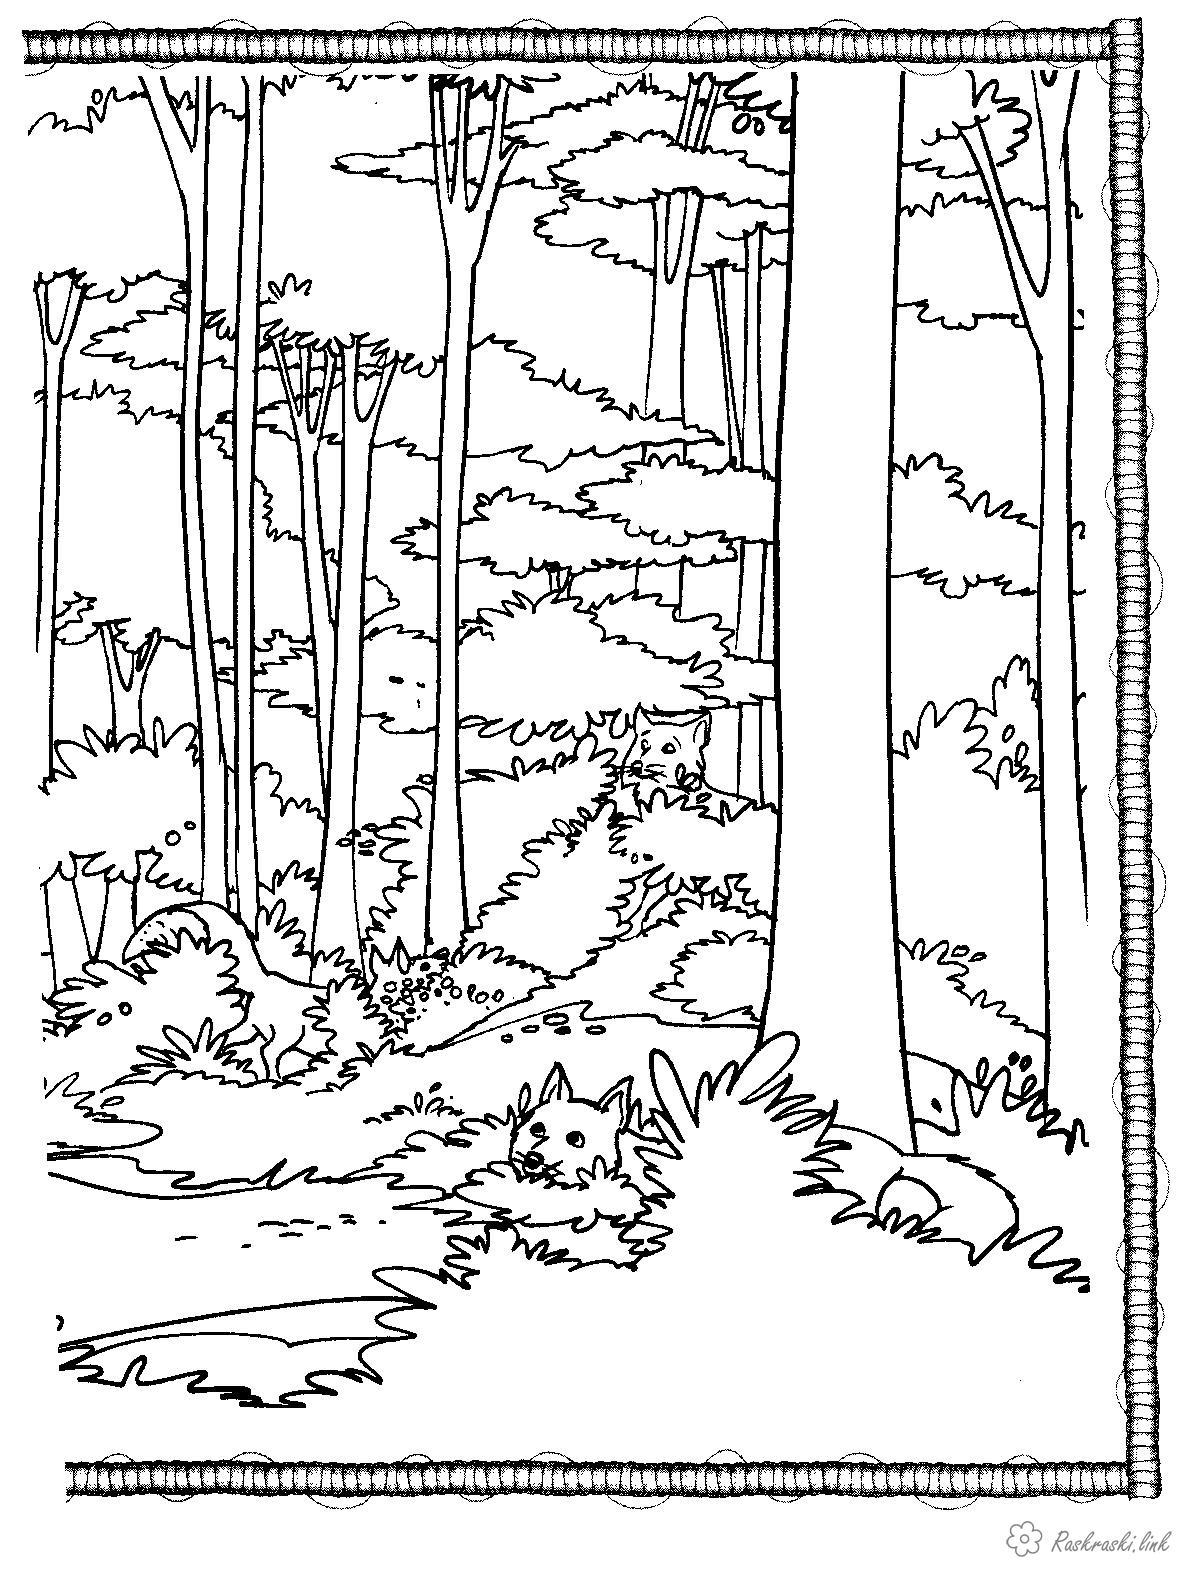 Розмальовки ліс Розмальовка тварини, природа, лісові тварини, ліс, лисиця, лисички, дерева, лисички ховаються, склад...